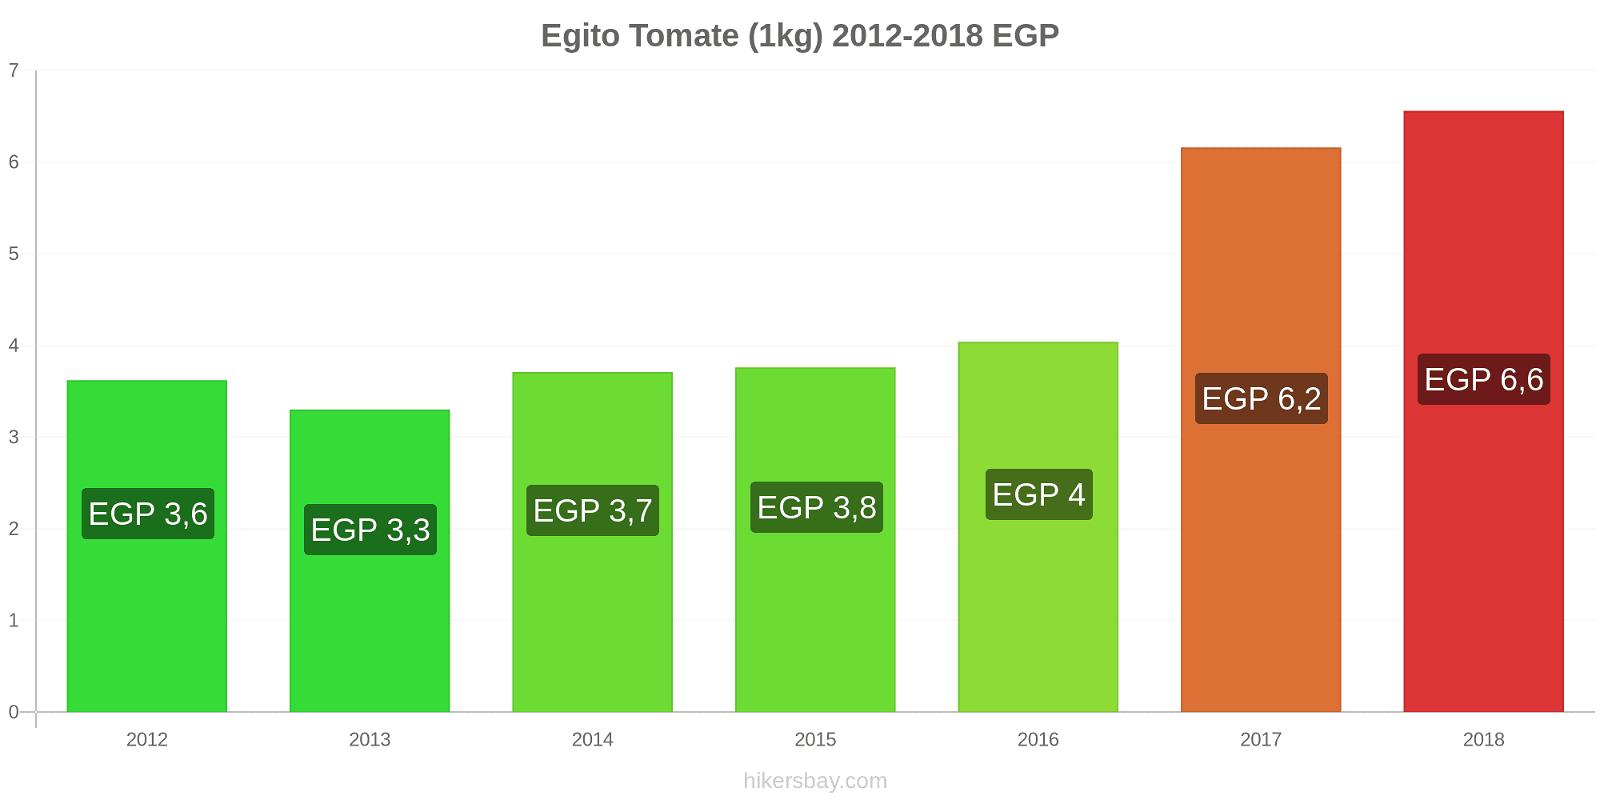 Egito variação de preço Tomate (1kg) hikersbay.com